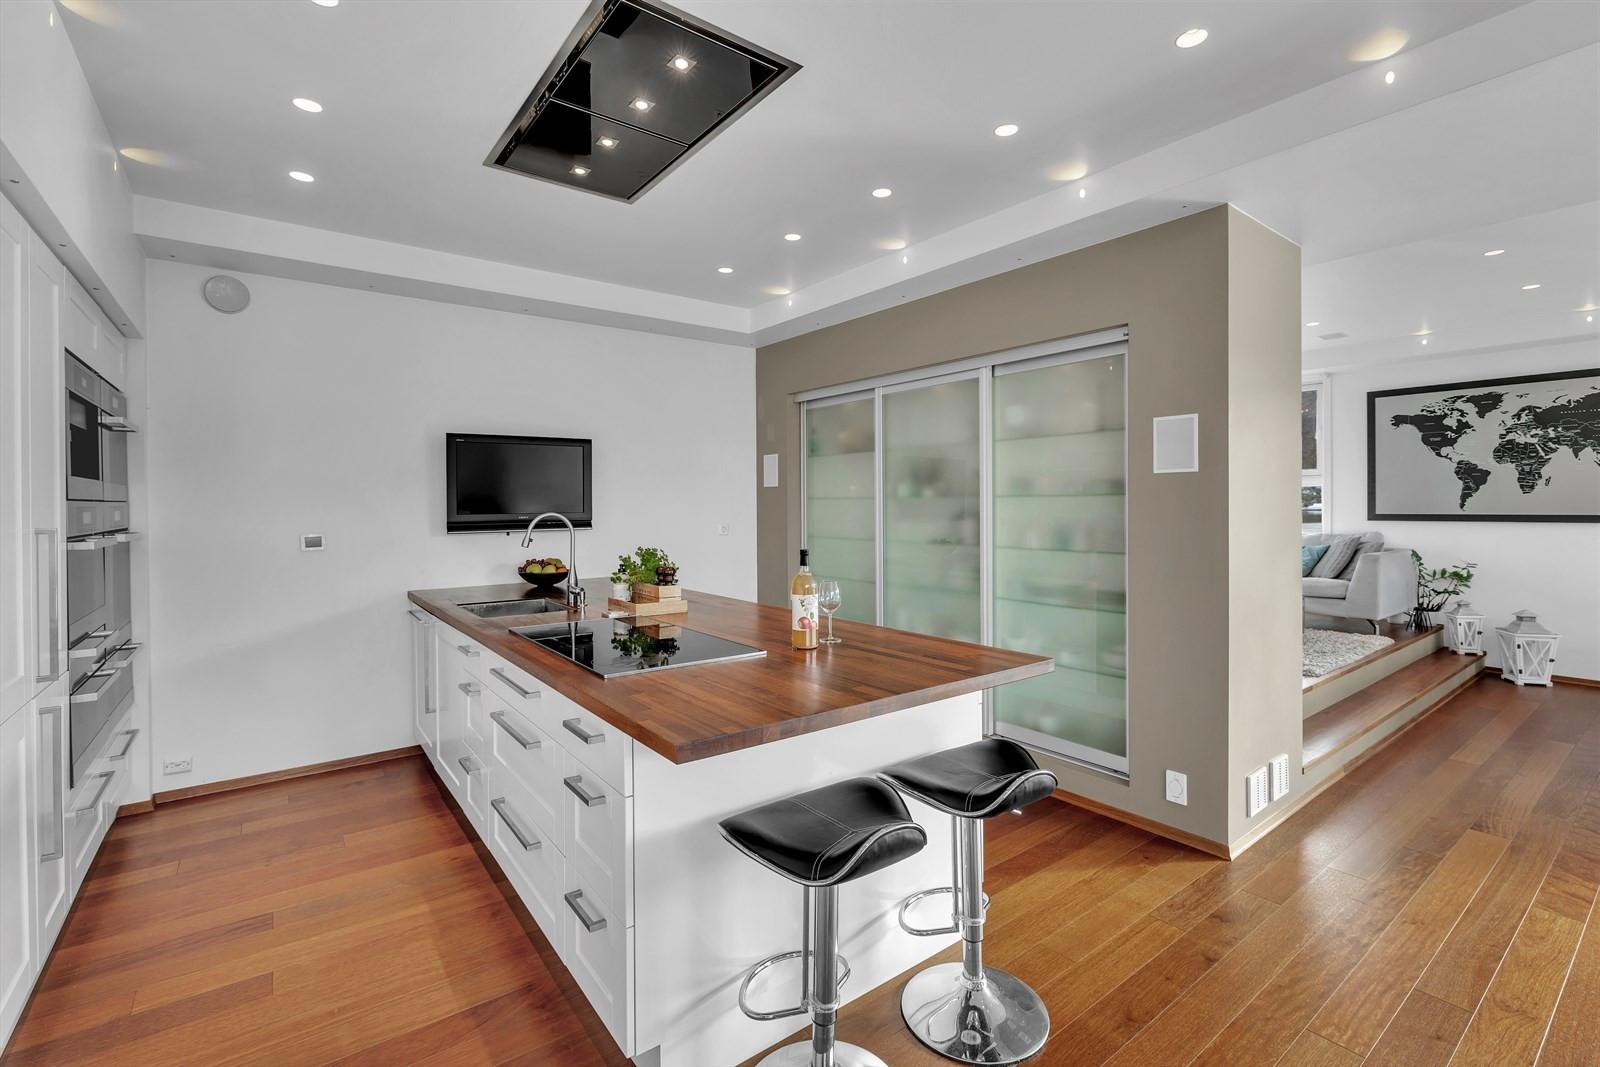 Meget tiltalende kjøkken med integrerte hvitevarer som varmeskuffer for fat og deler til ovn, dampovn, kombinert ovn og vanlig ovn. Kjøleskap med fryser, vinskap og kaffemaskin.